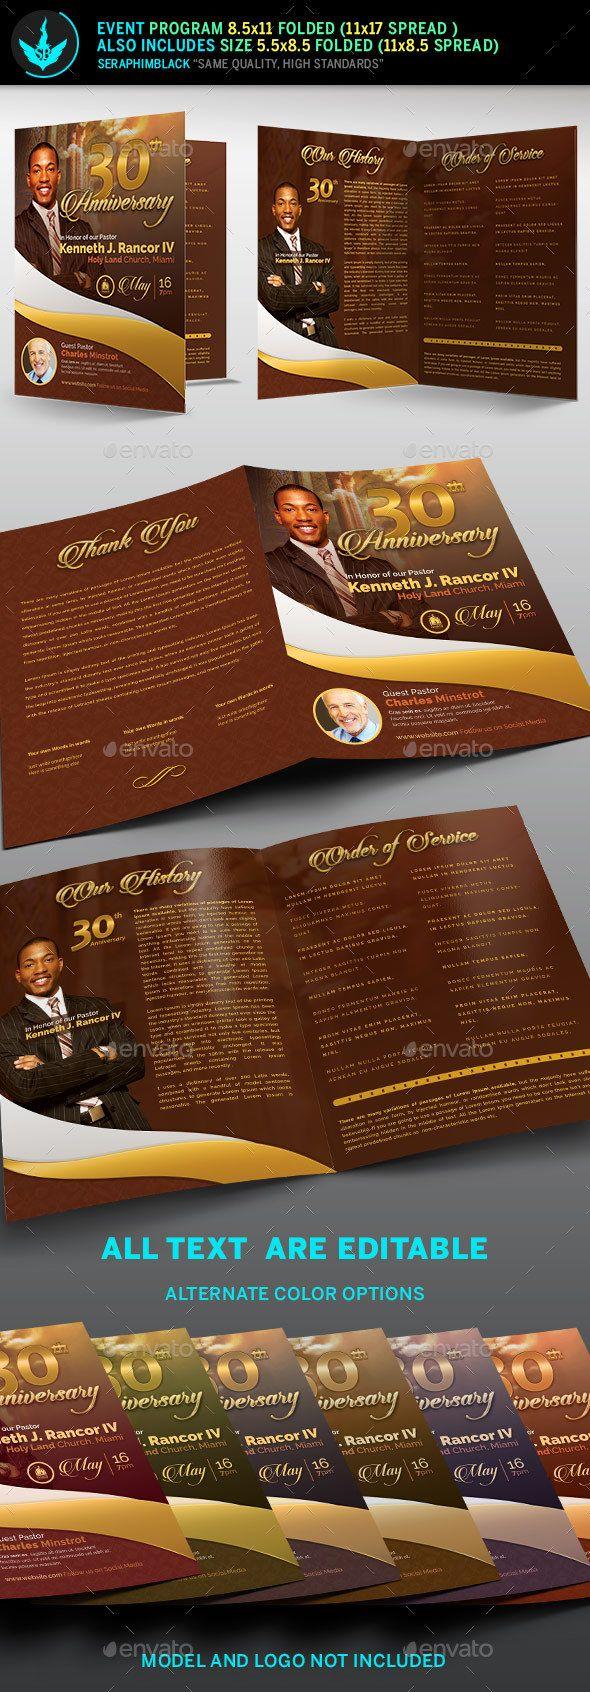 Pastor's Anniversary Program Template - Informational Brochures